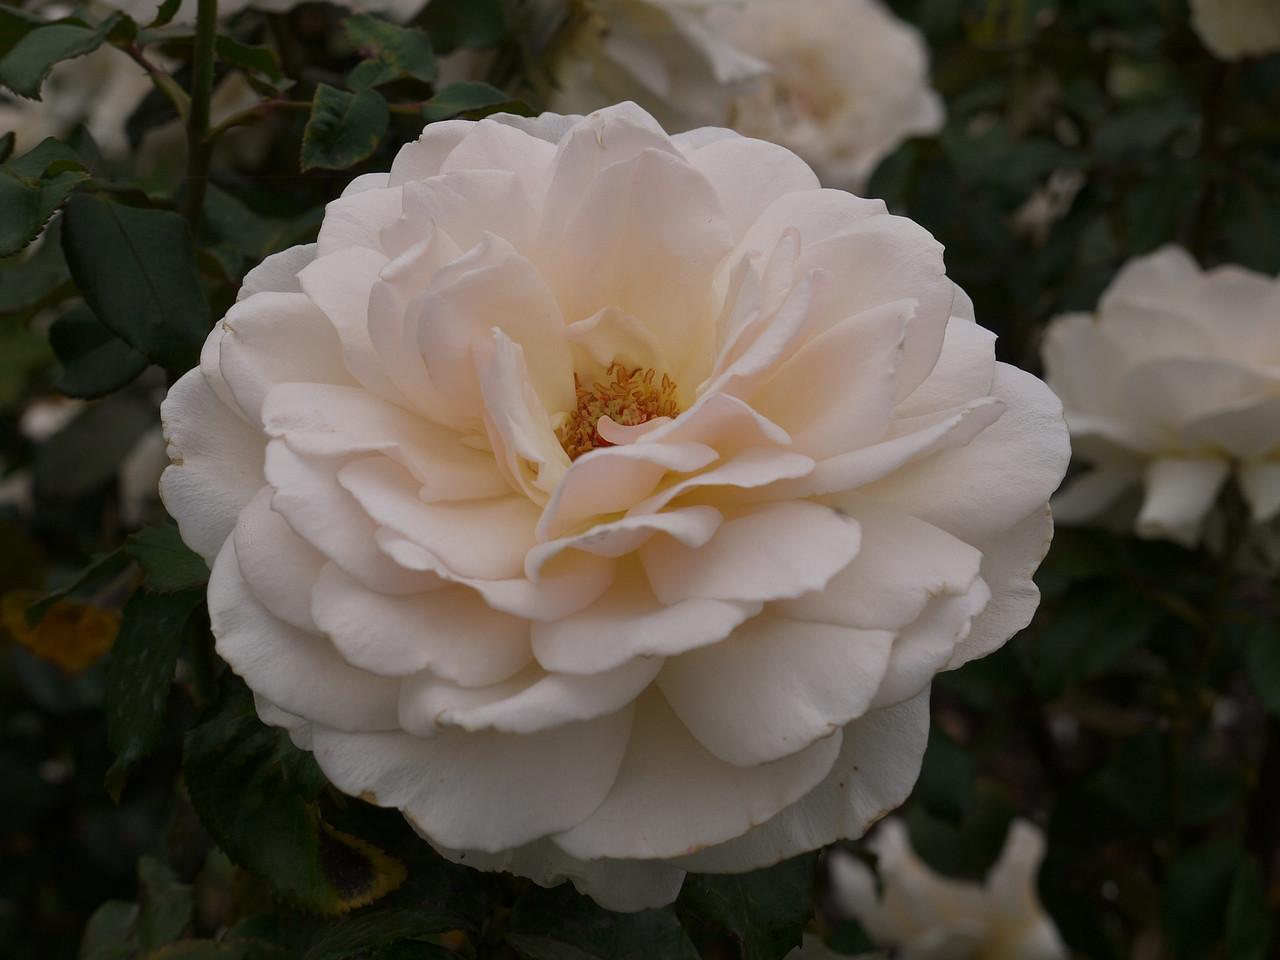 20120419_1058_0055 rose